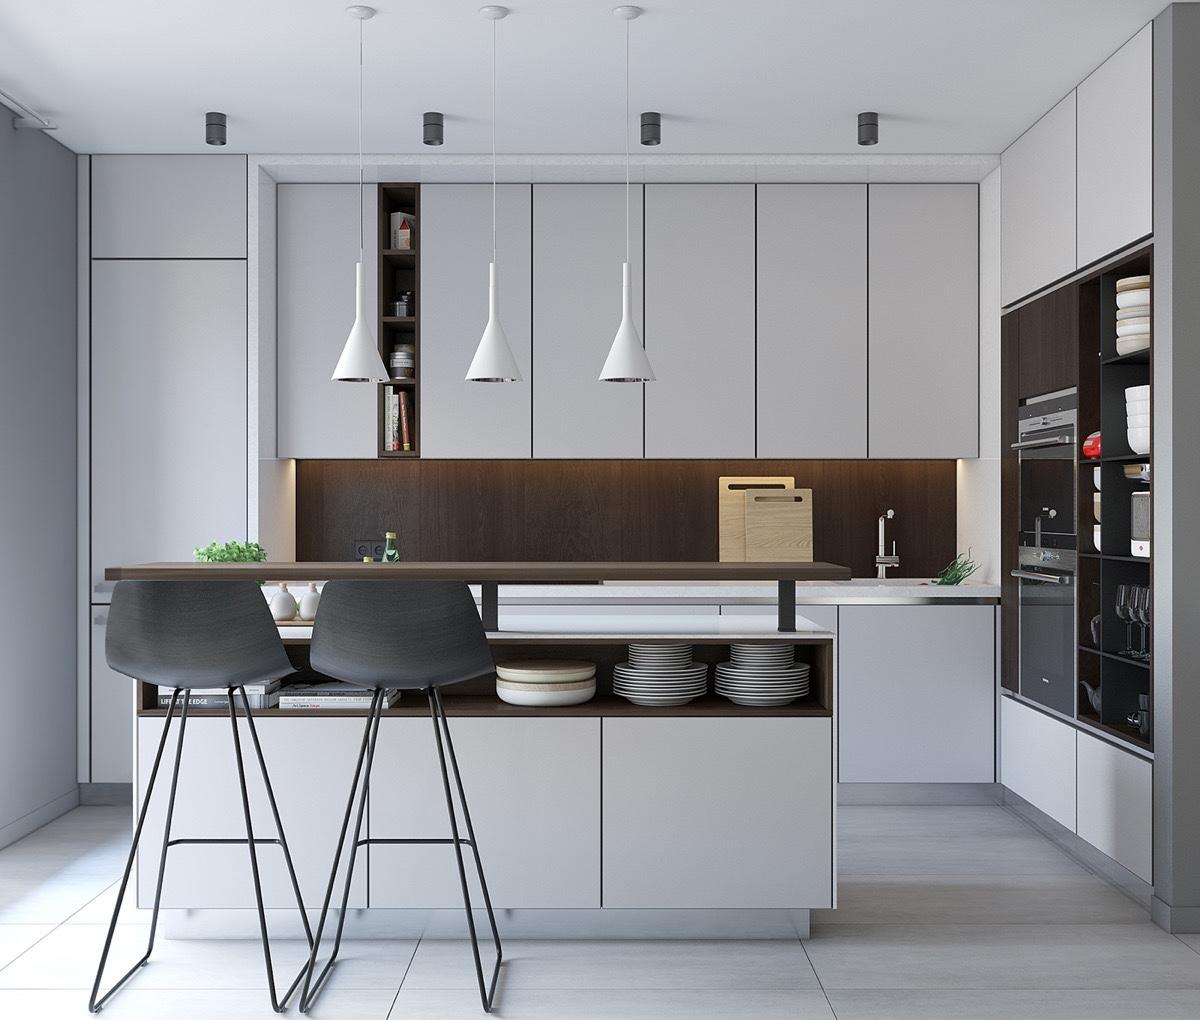 Kitchen Minimalist House Interior Design